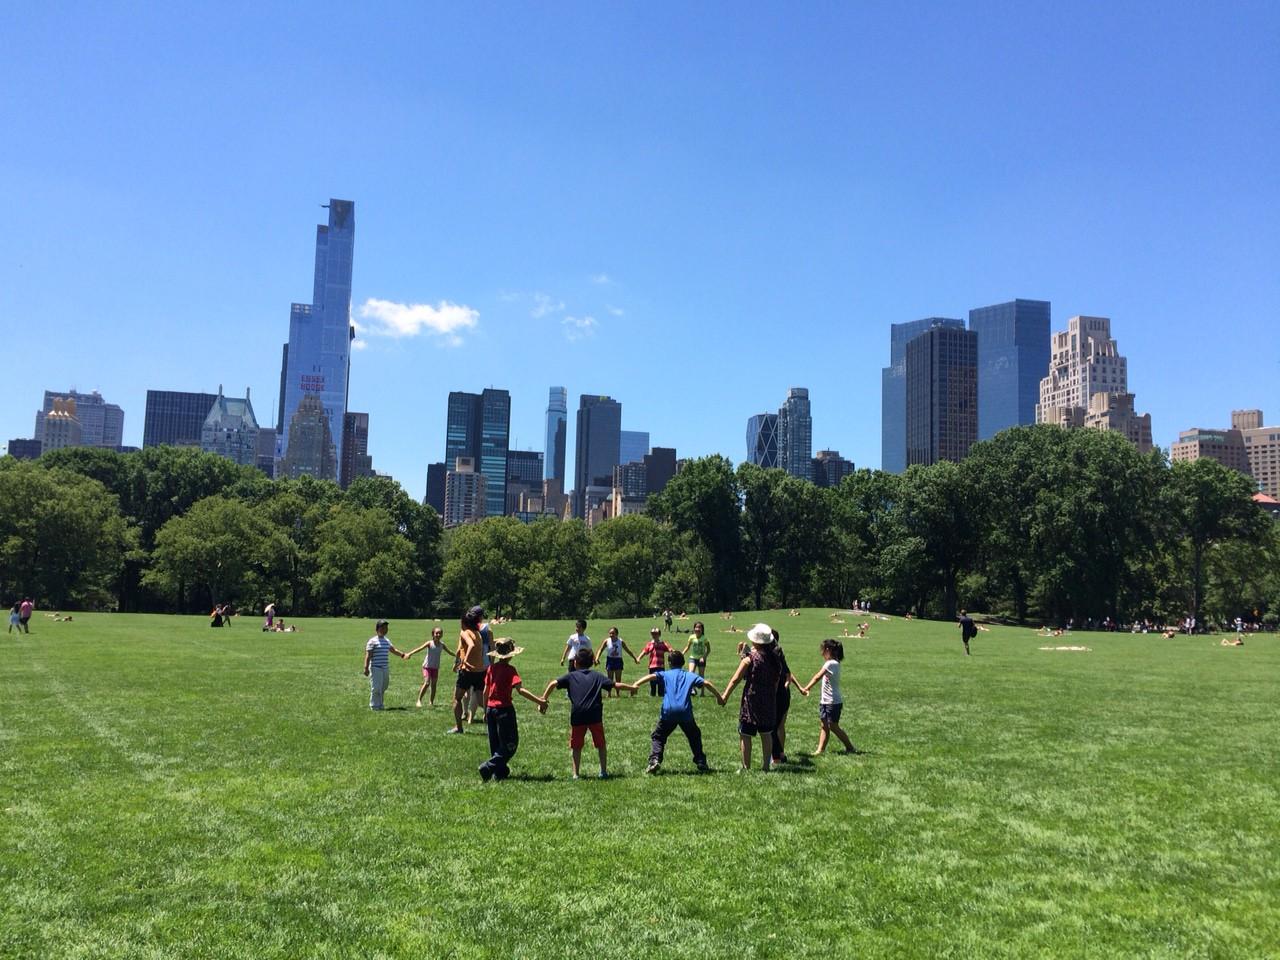 Que hacer en verano en central park